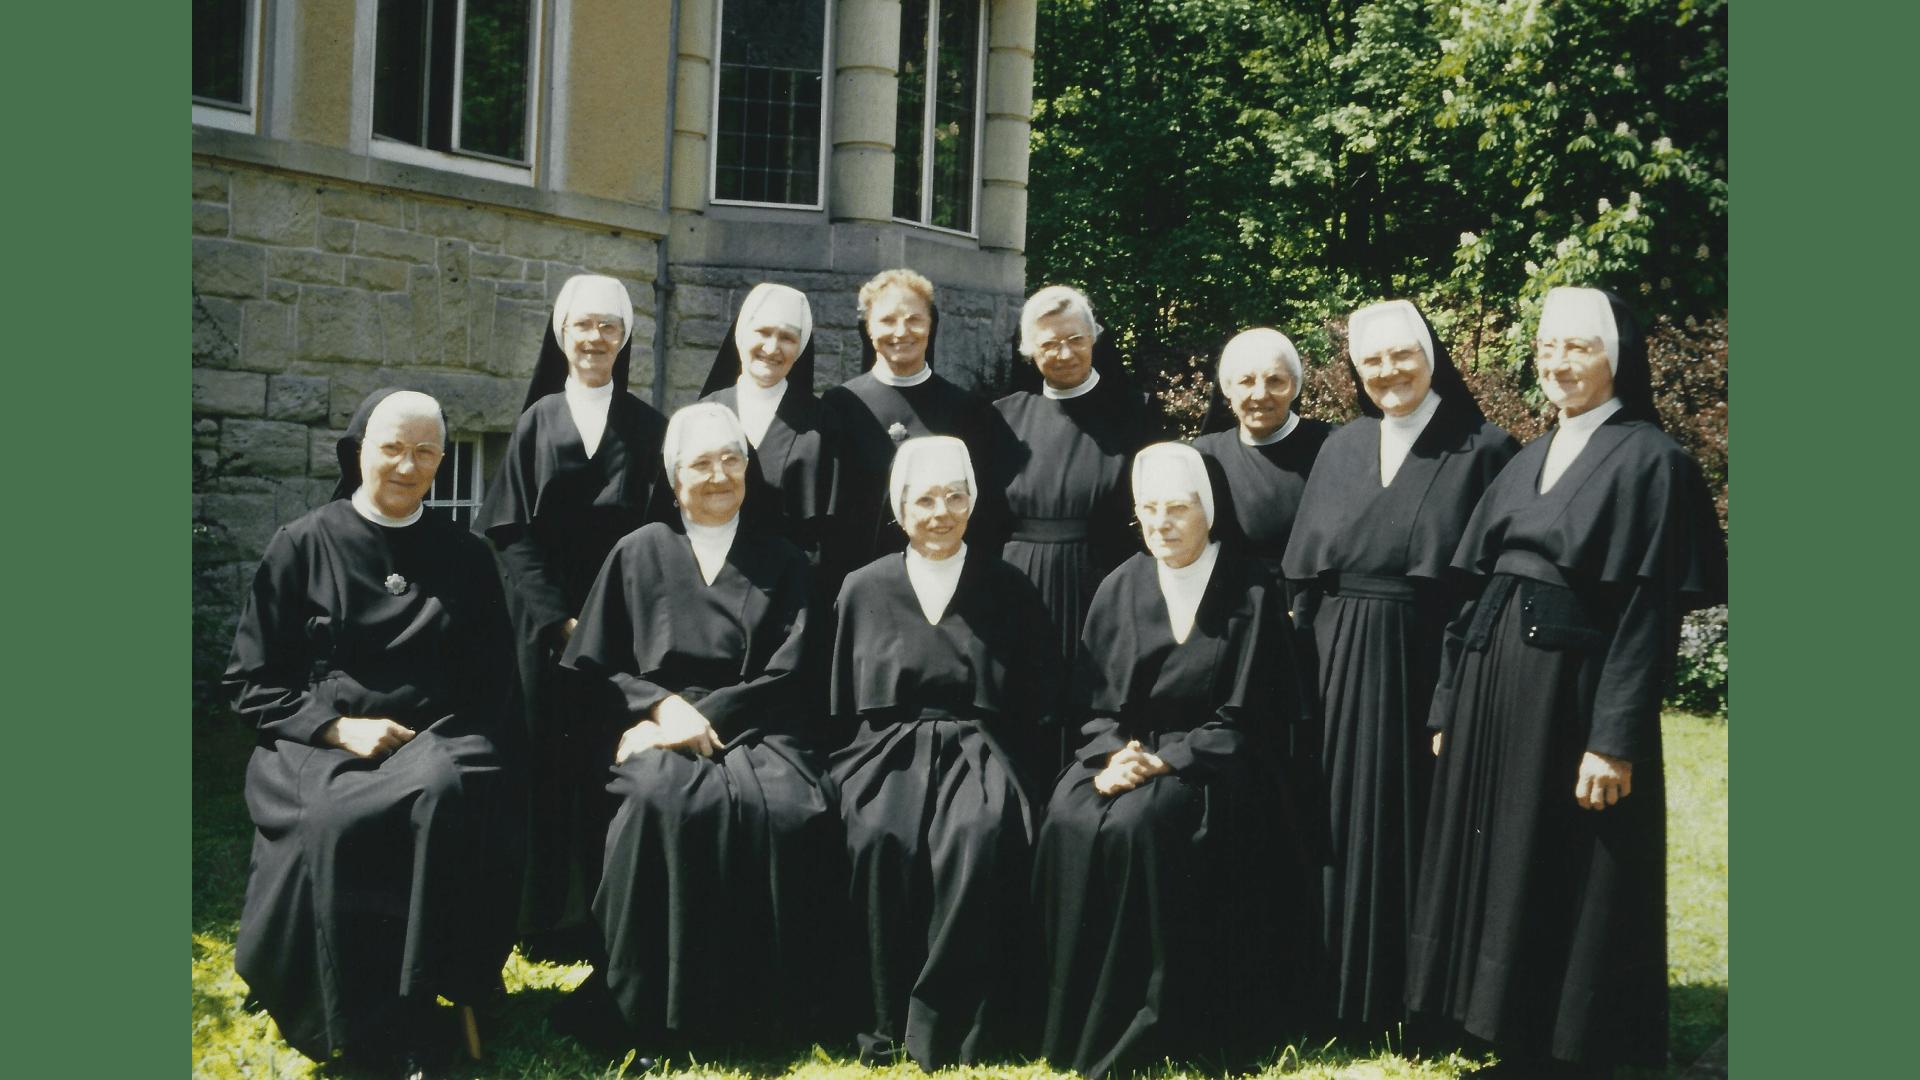 Die Schwestern, Gruppenfoto 1993. Foto: Archiv Arme Schulschwestern